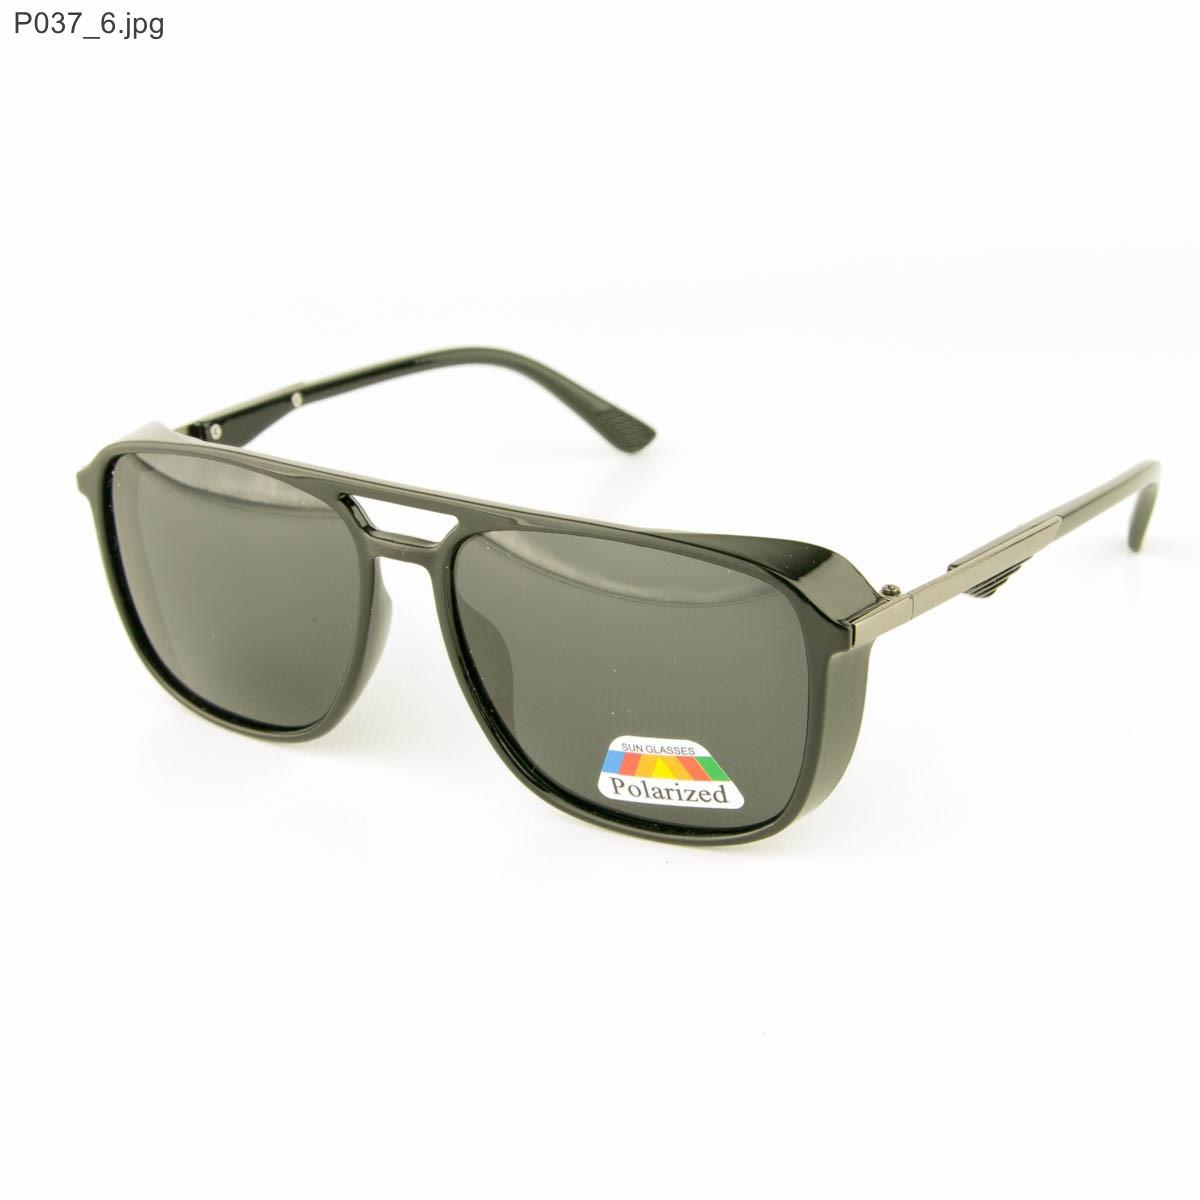 Оптом очки мужские солнцезащитные поляризационные - Черные - P037